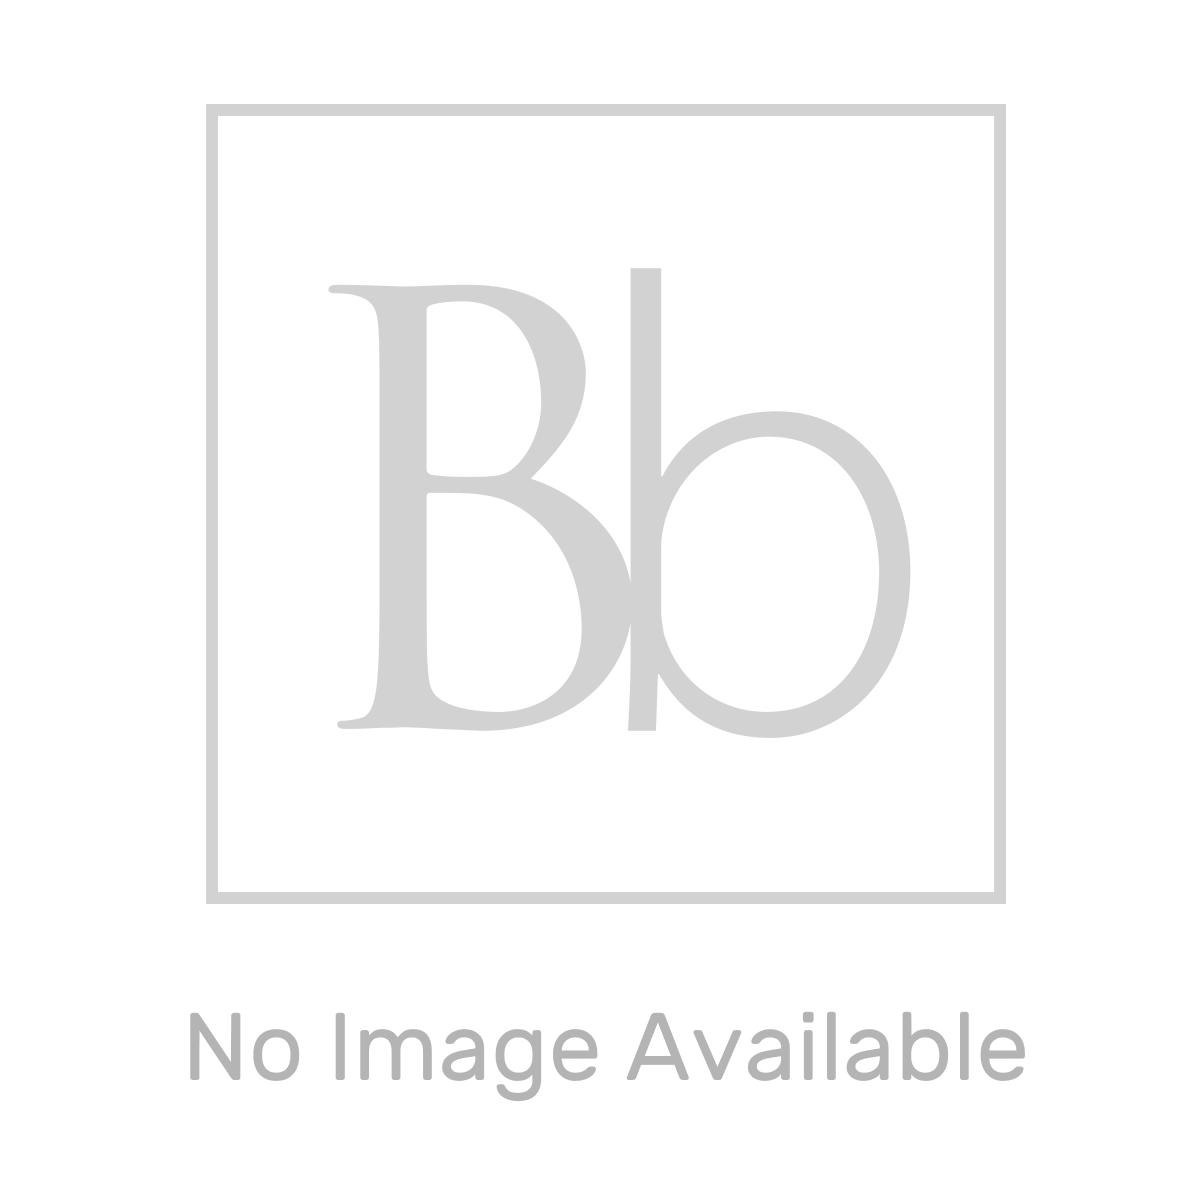 Nuie Merit Hacienda Black Wall Hung Single Door Vanity & Basin 500mm Line Drawing